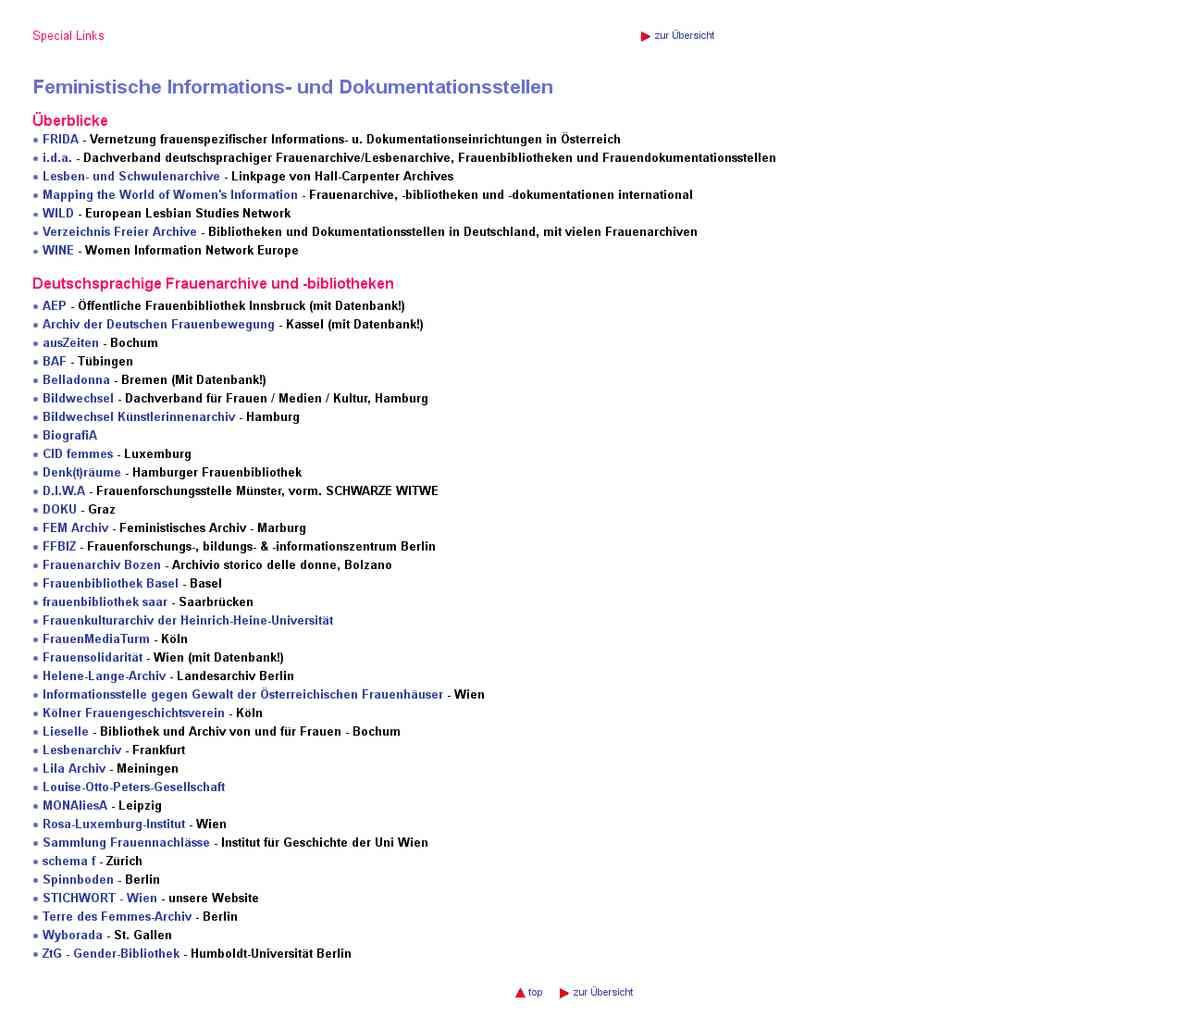 Links Feministische Informations- und Dokumentationsstellen